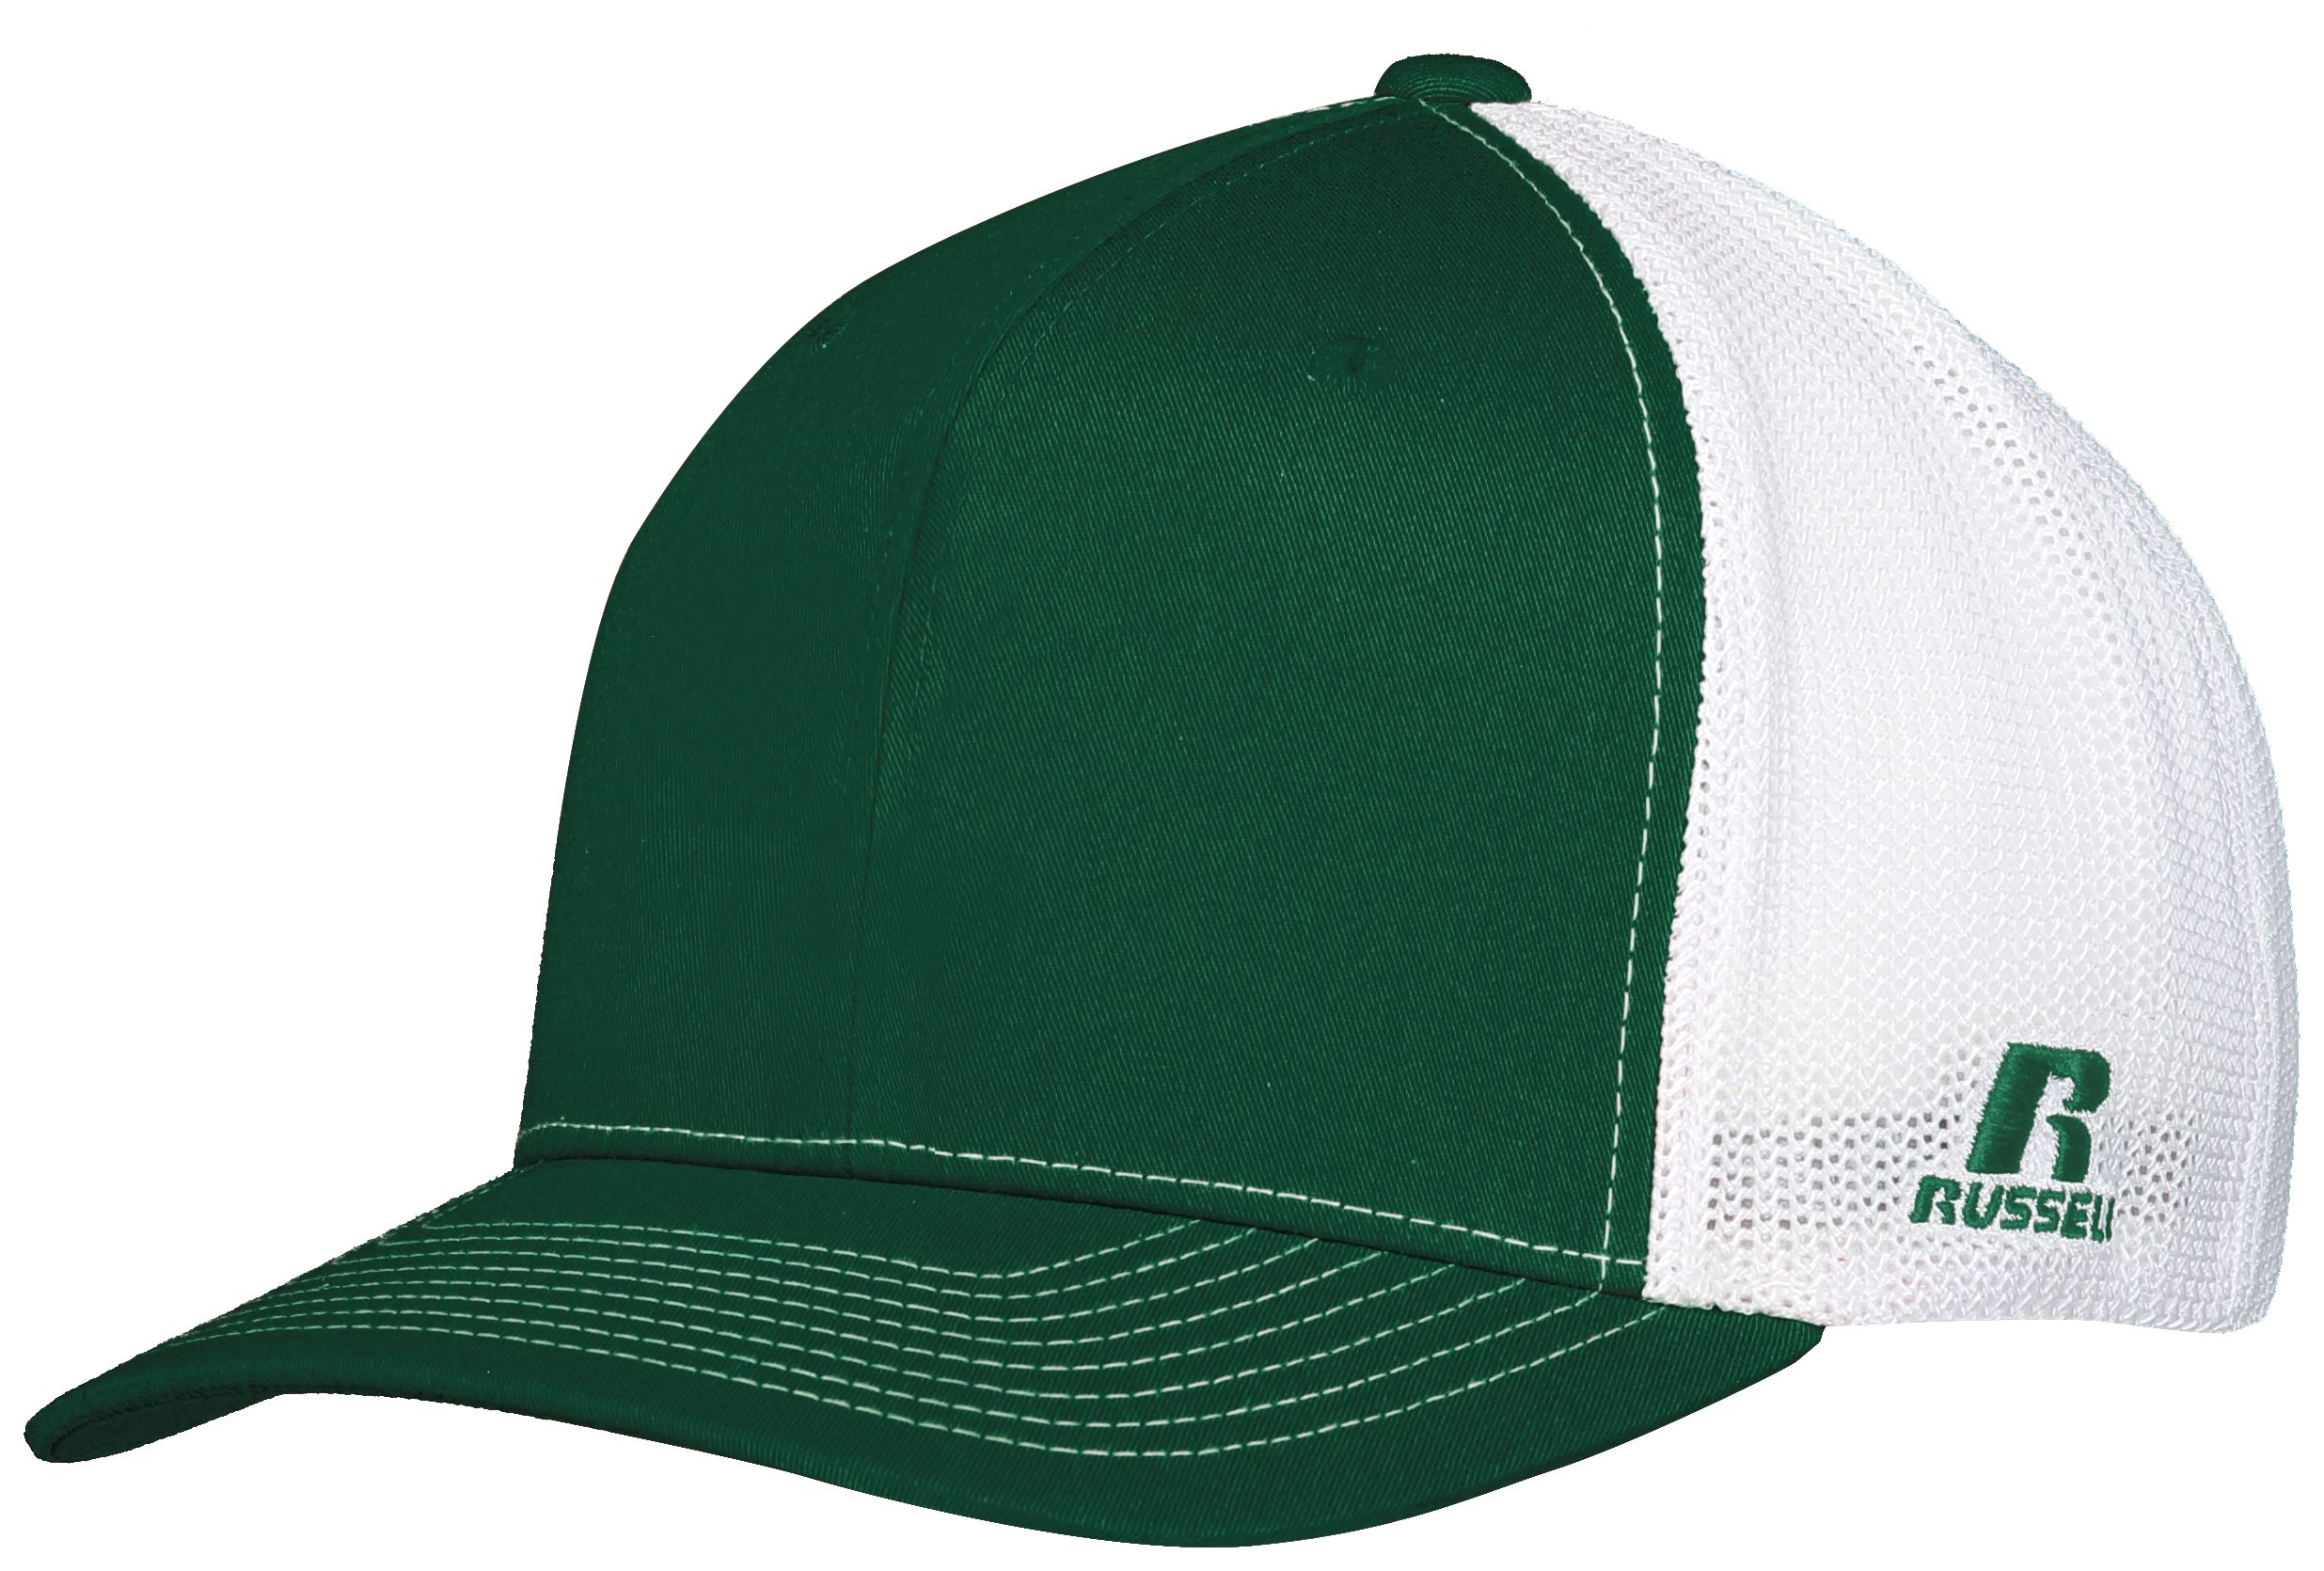 Flexfit Twill Mesh Cap - DARK GREEN/WHITE